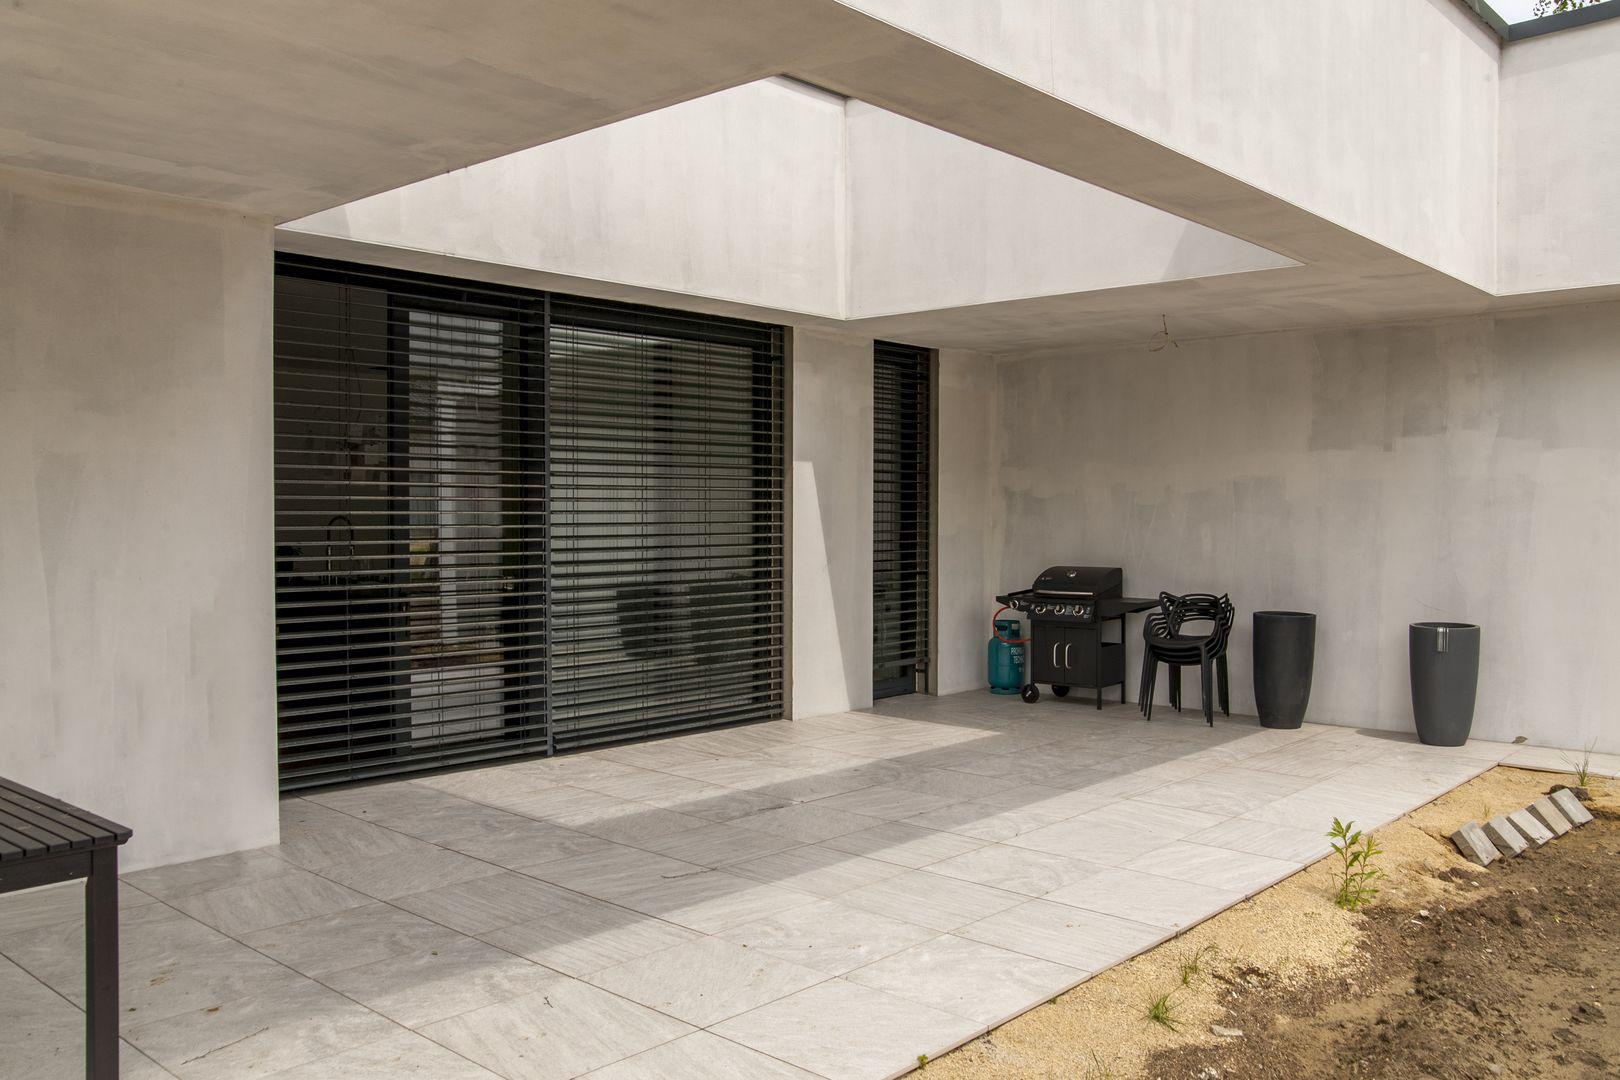 drzwi podnoszono przesuwne aluminiowe tarasowe producent aluminium oknowent.eu